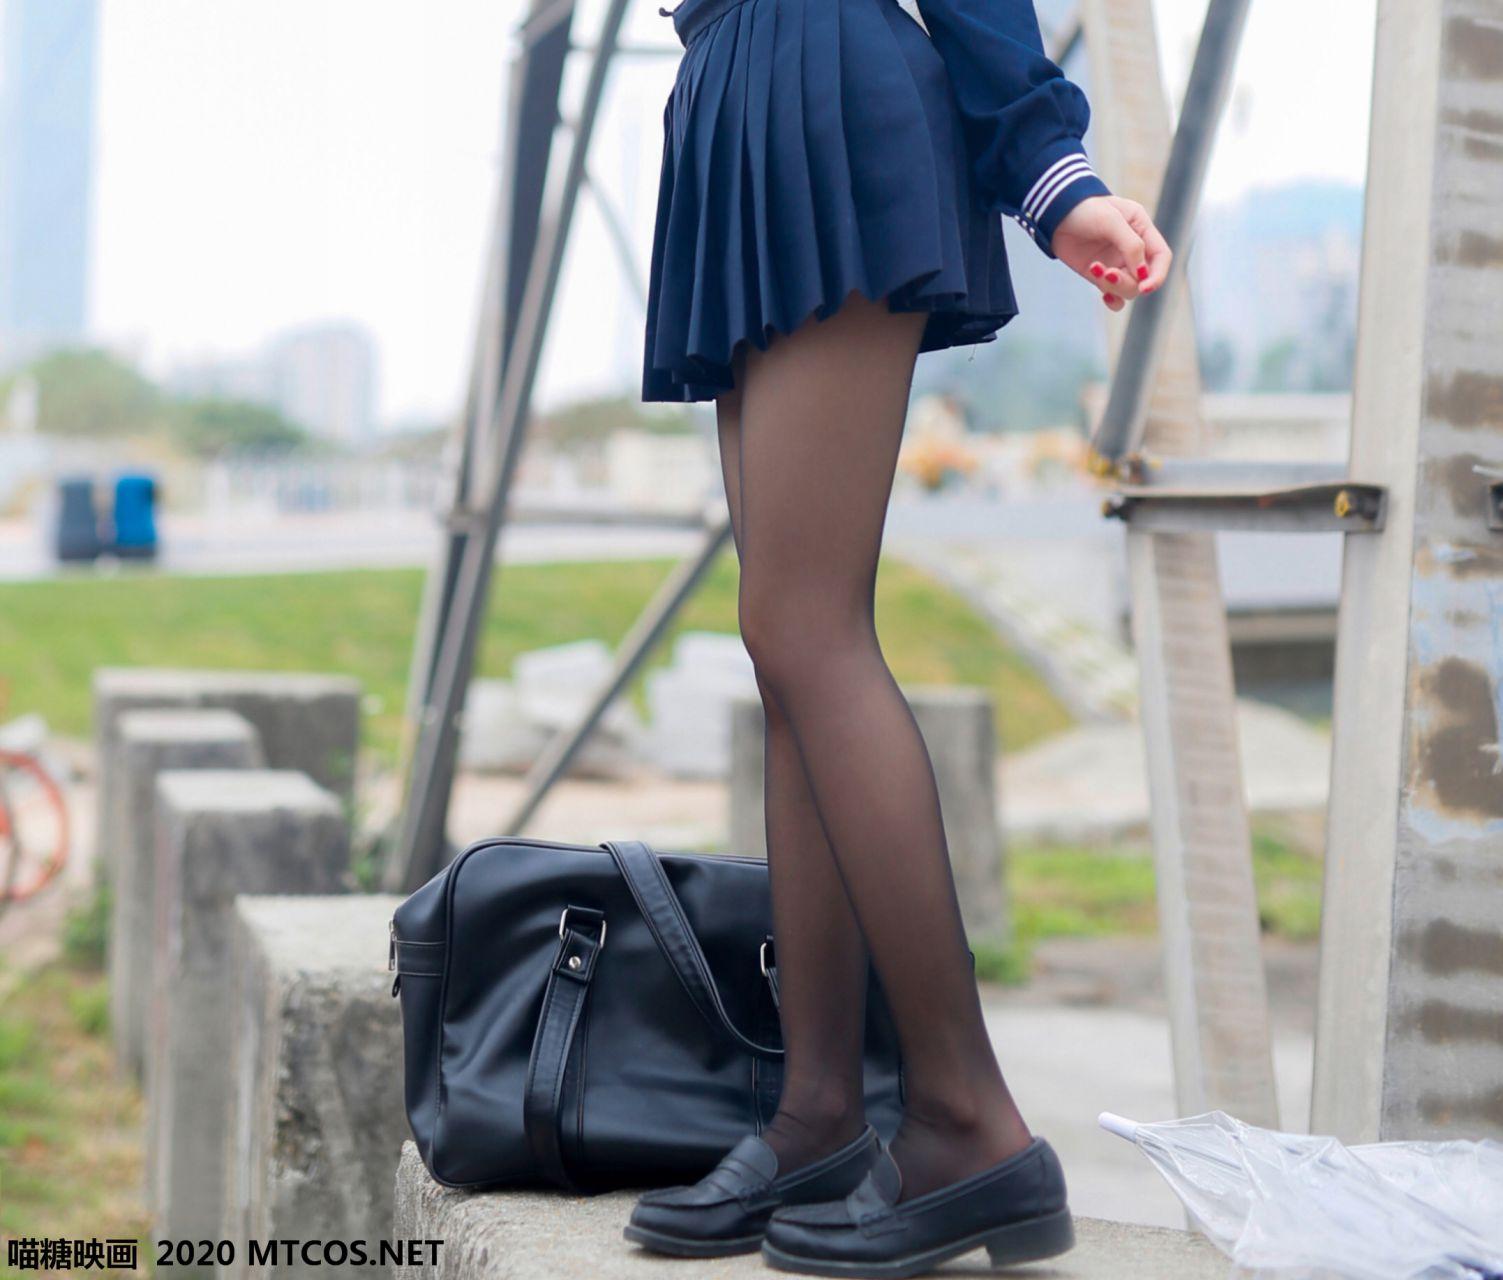 【喵糖映画】喵糖映画 – VOL.098 JK制服少女 [44P-579M] 喵糖映画 第5张